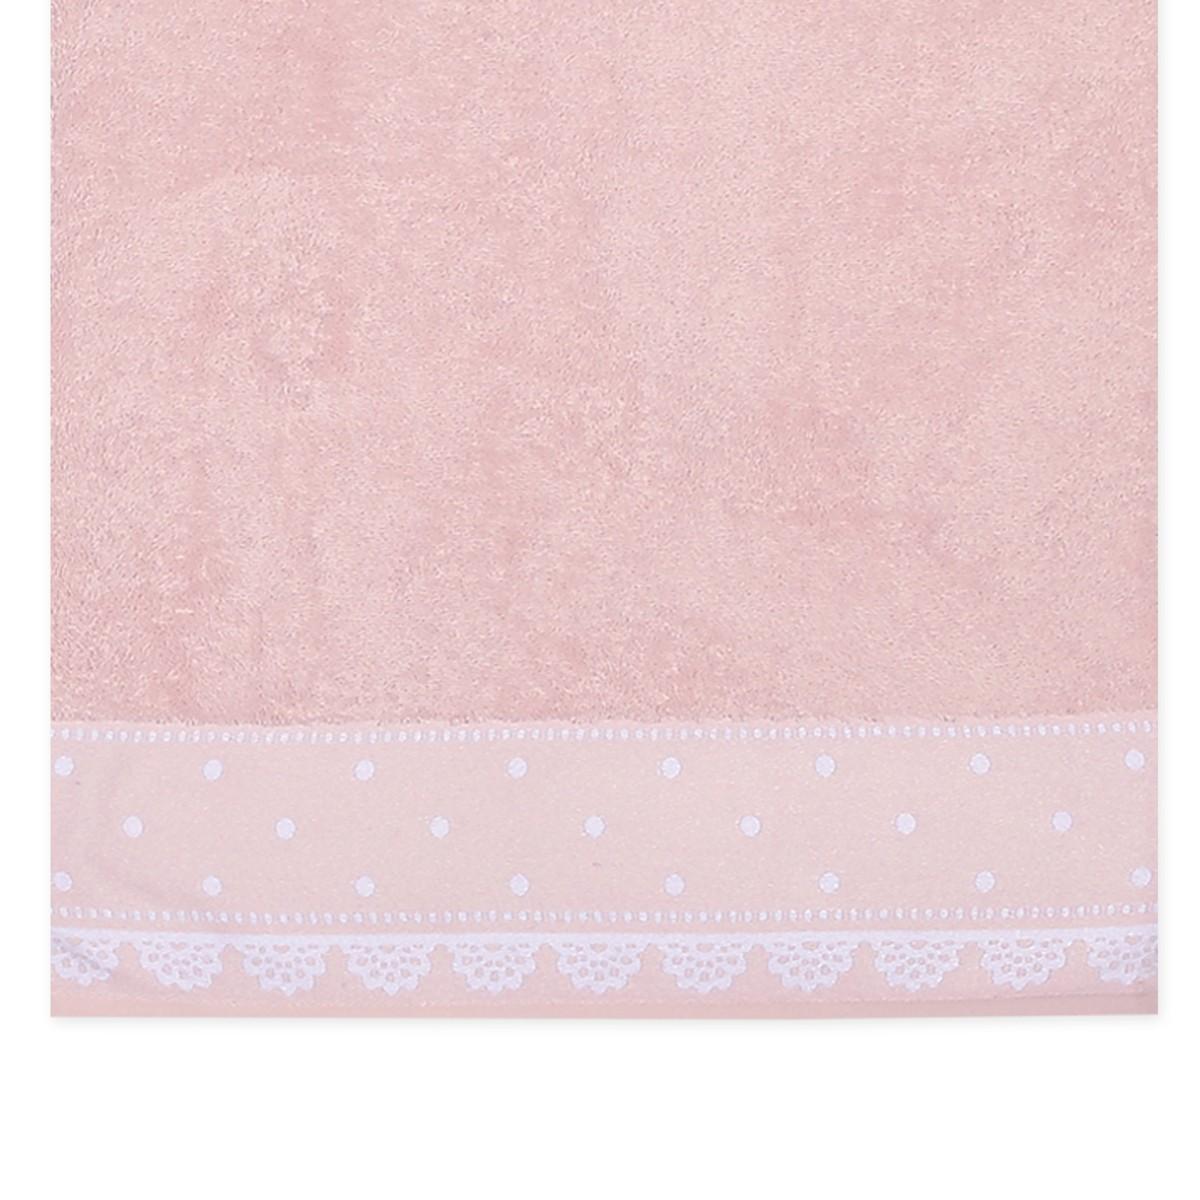 Πετσέτες Μπάνιου (Σετ 3τμχ) Nef-Nef Romantic